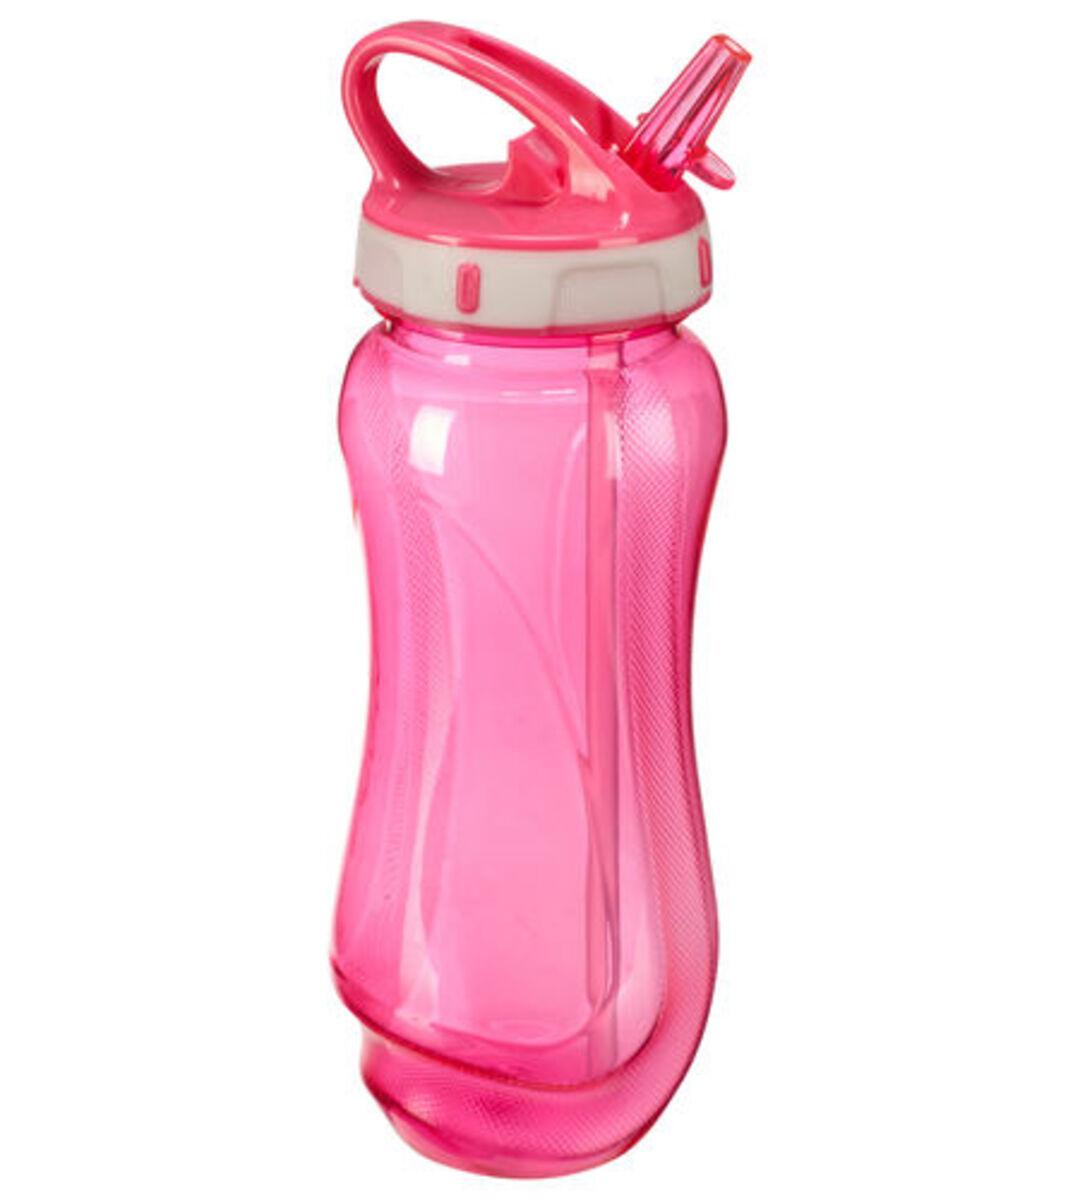 Bild 4 von Sport-Trinkflasche